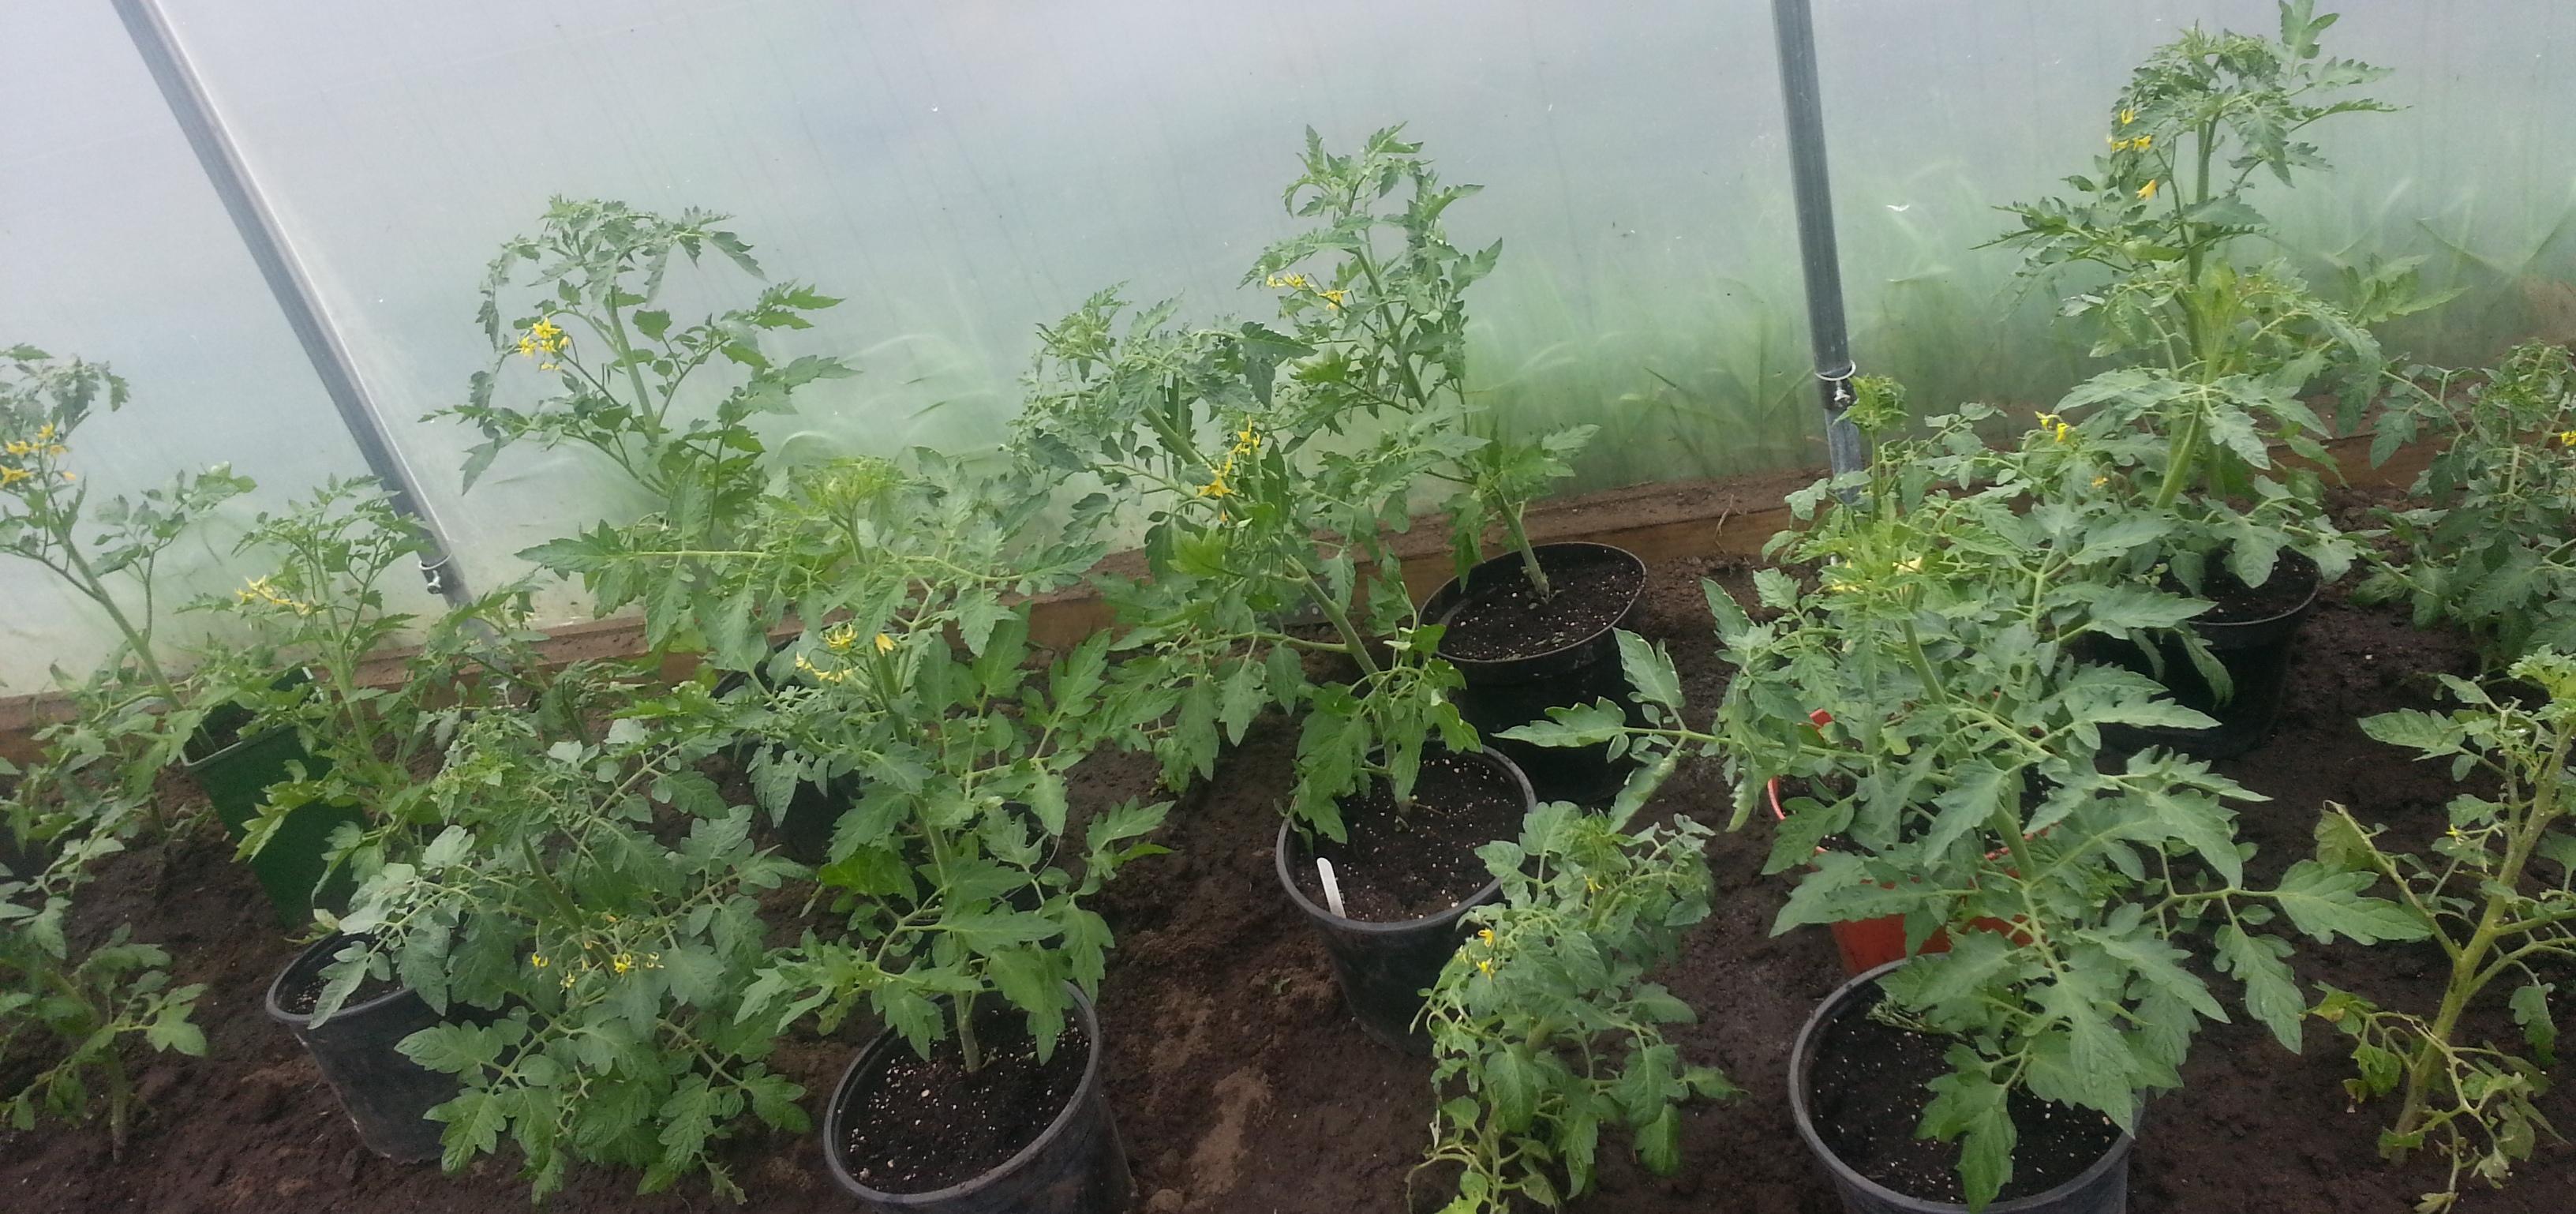 Tomato plants.